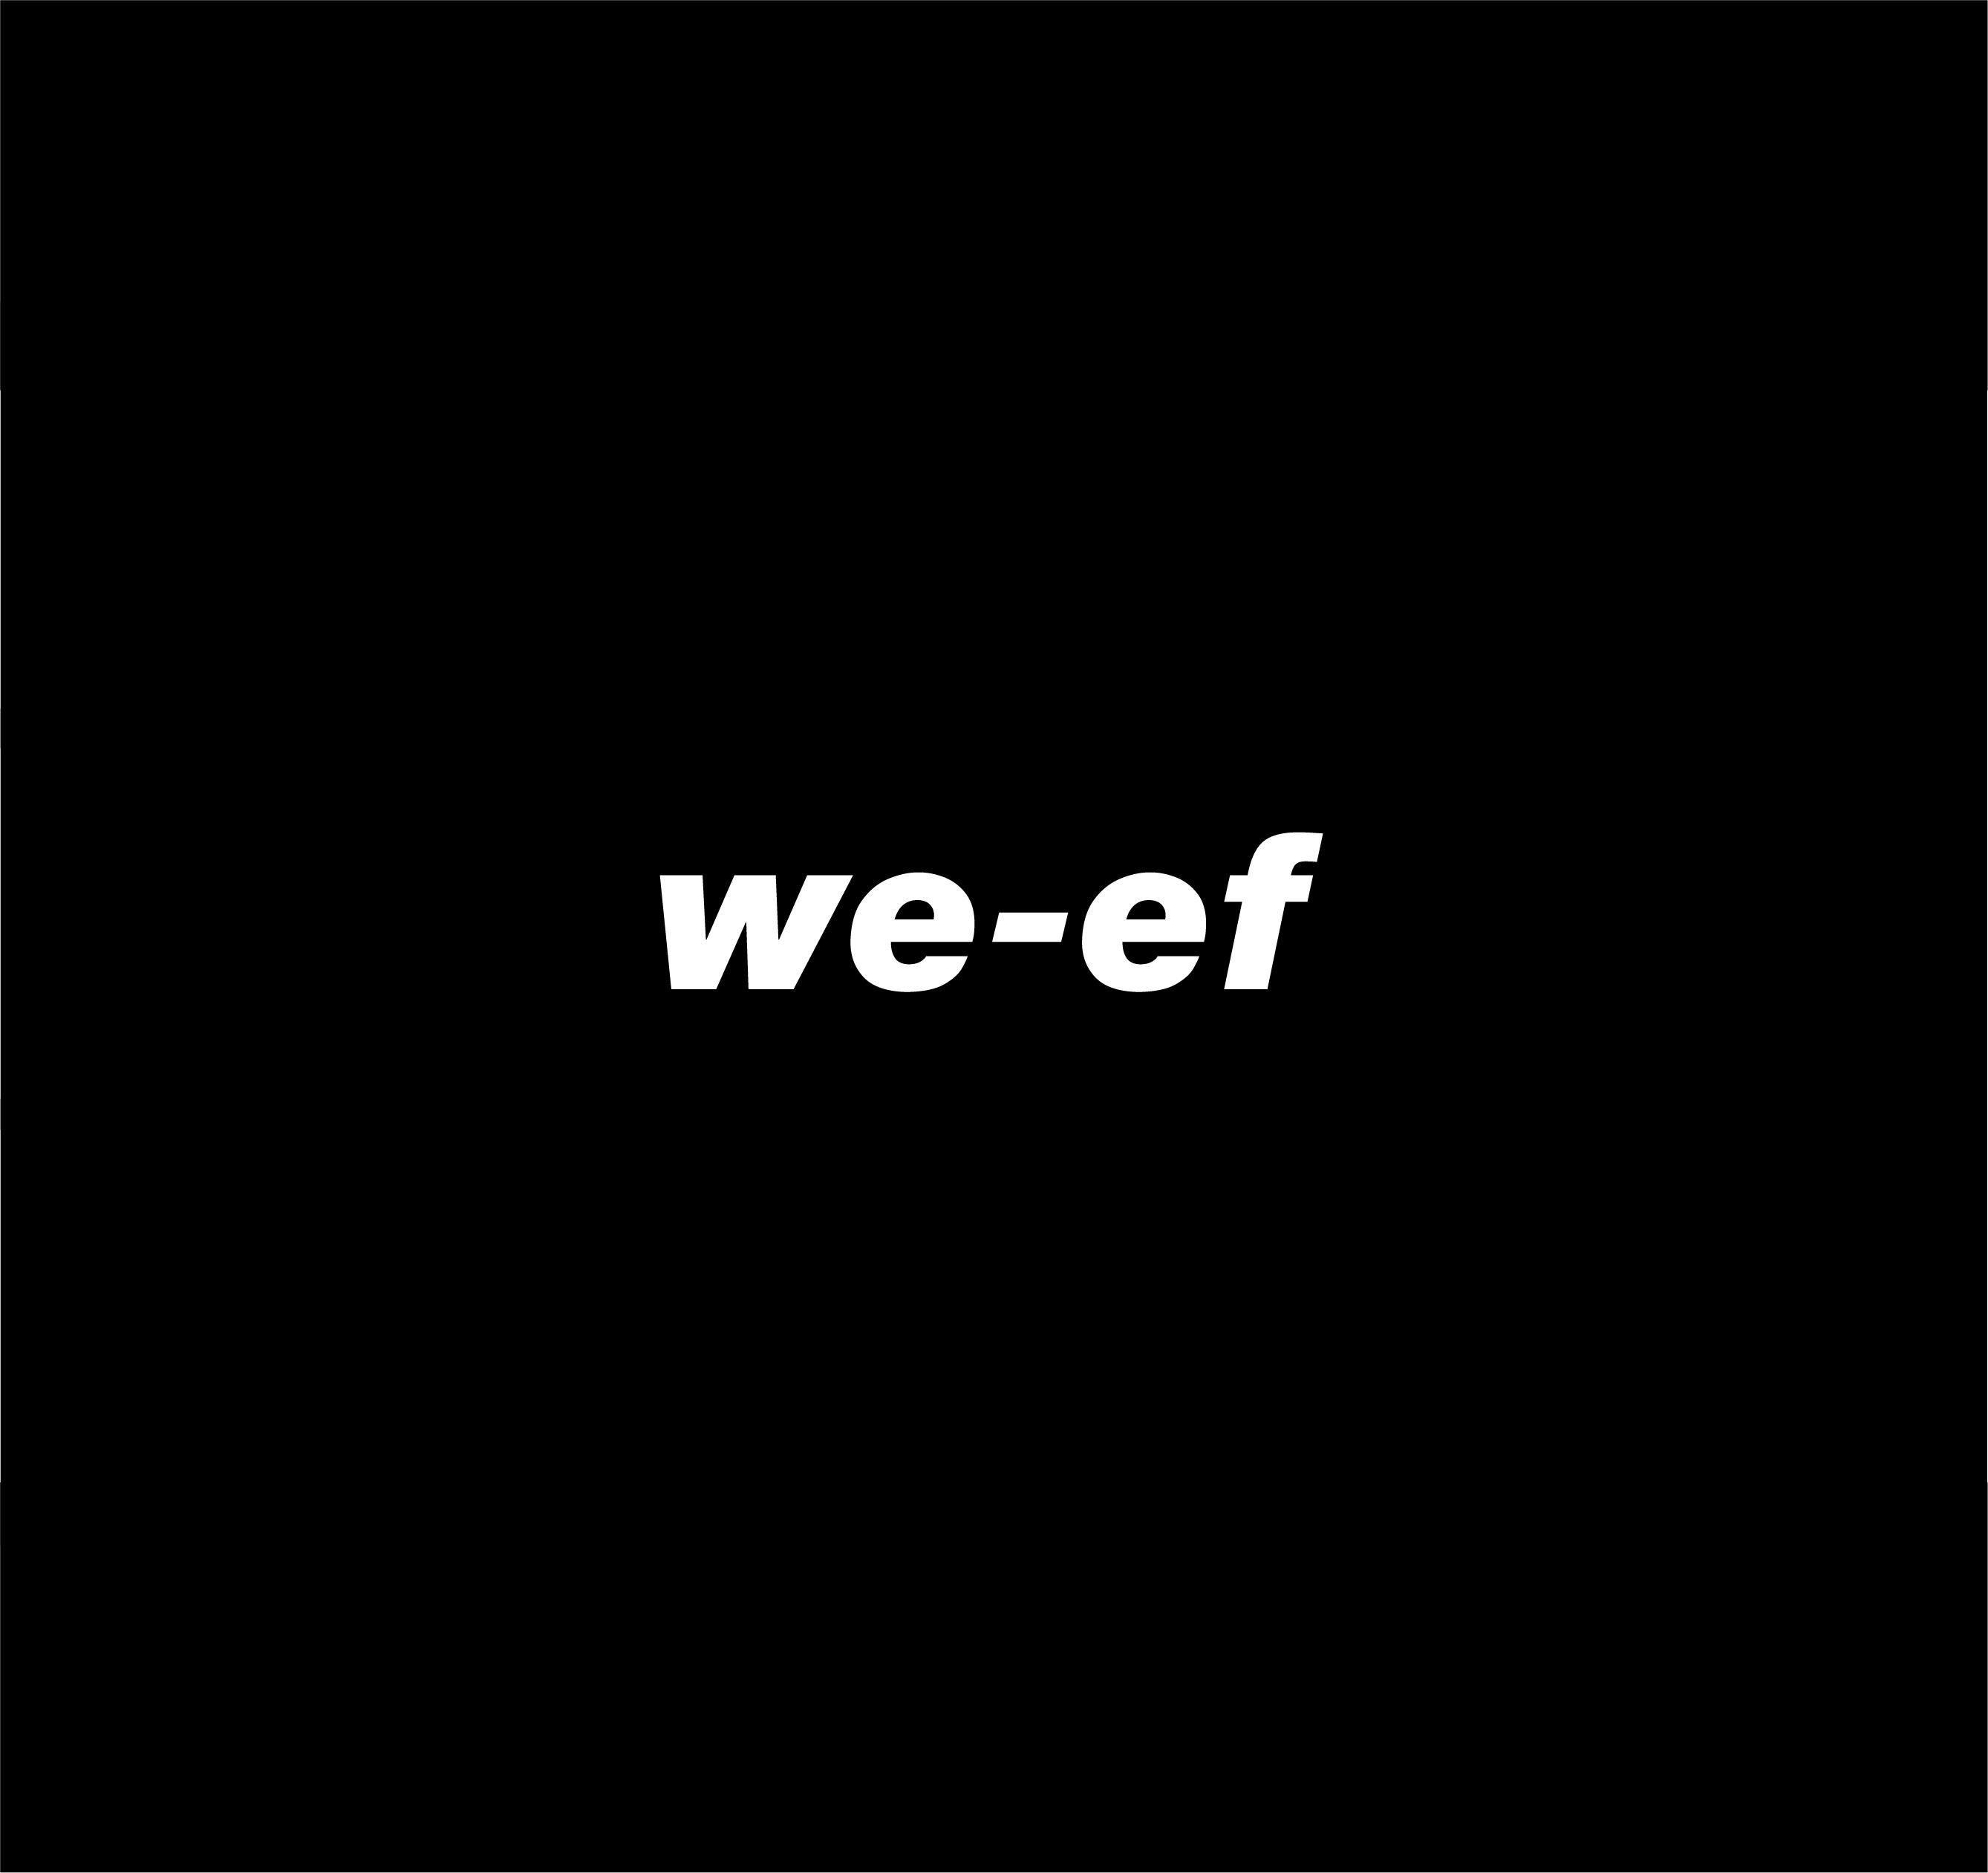 We ef logo